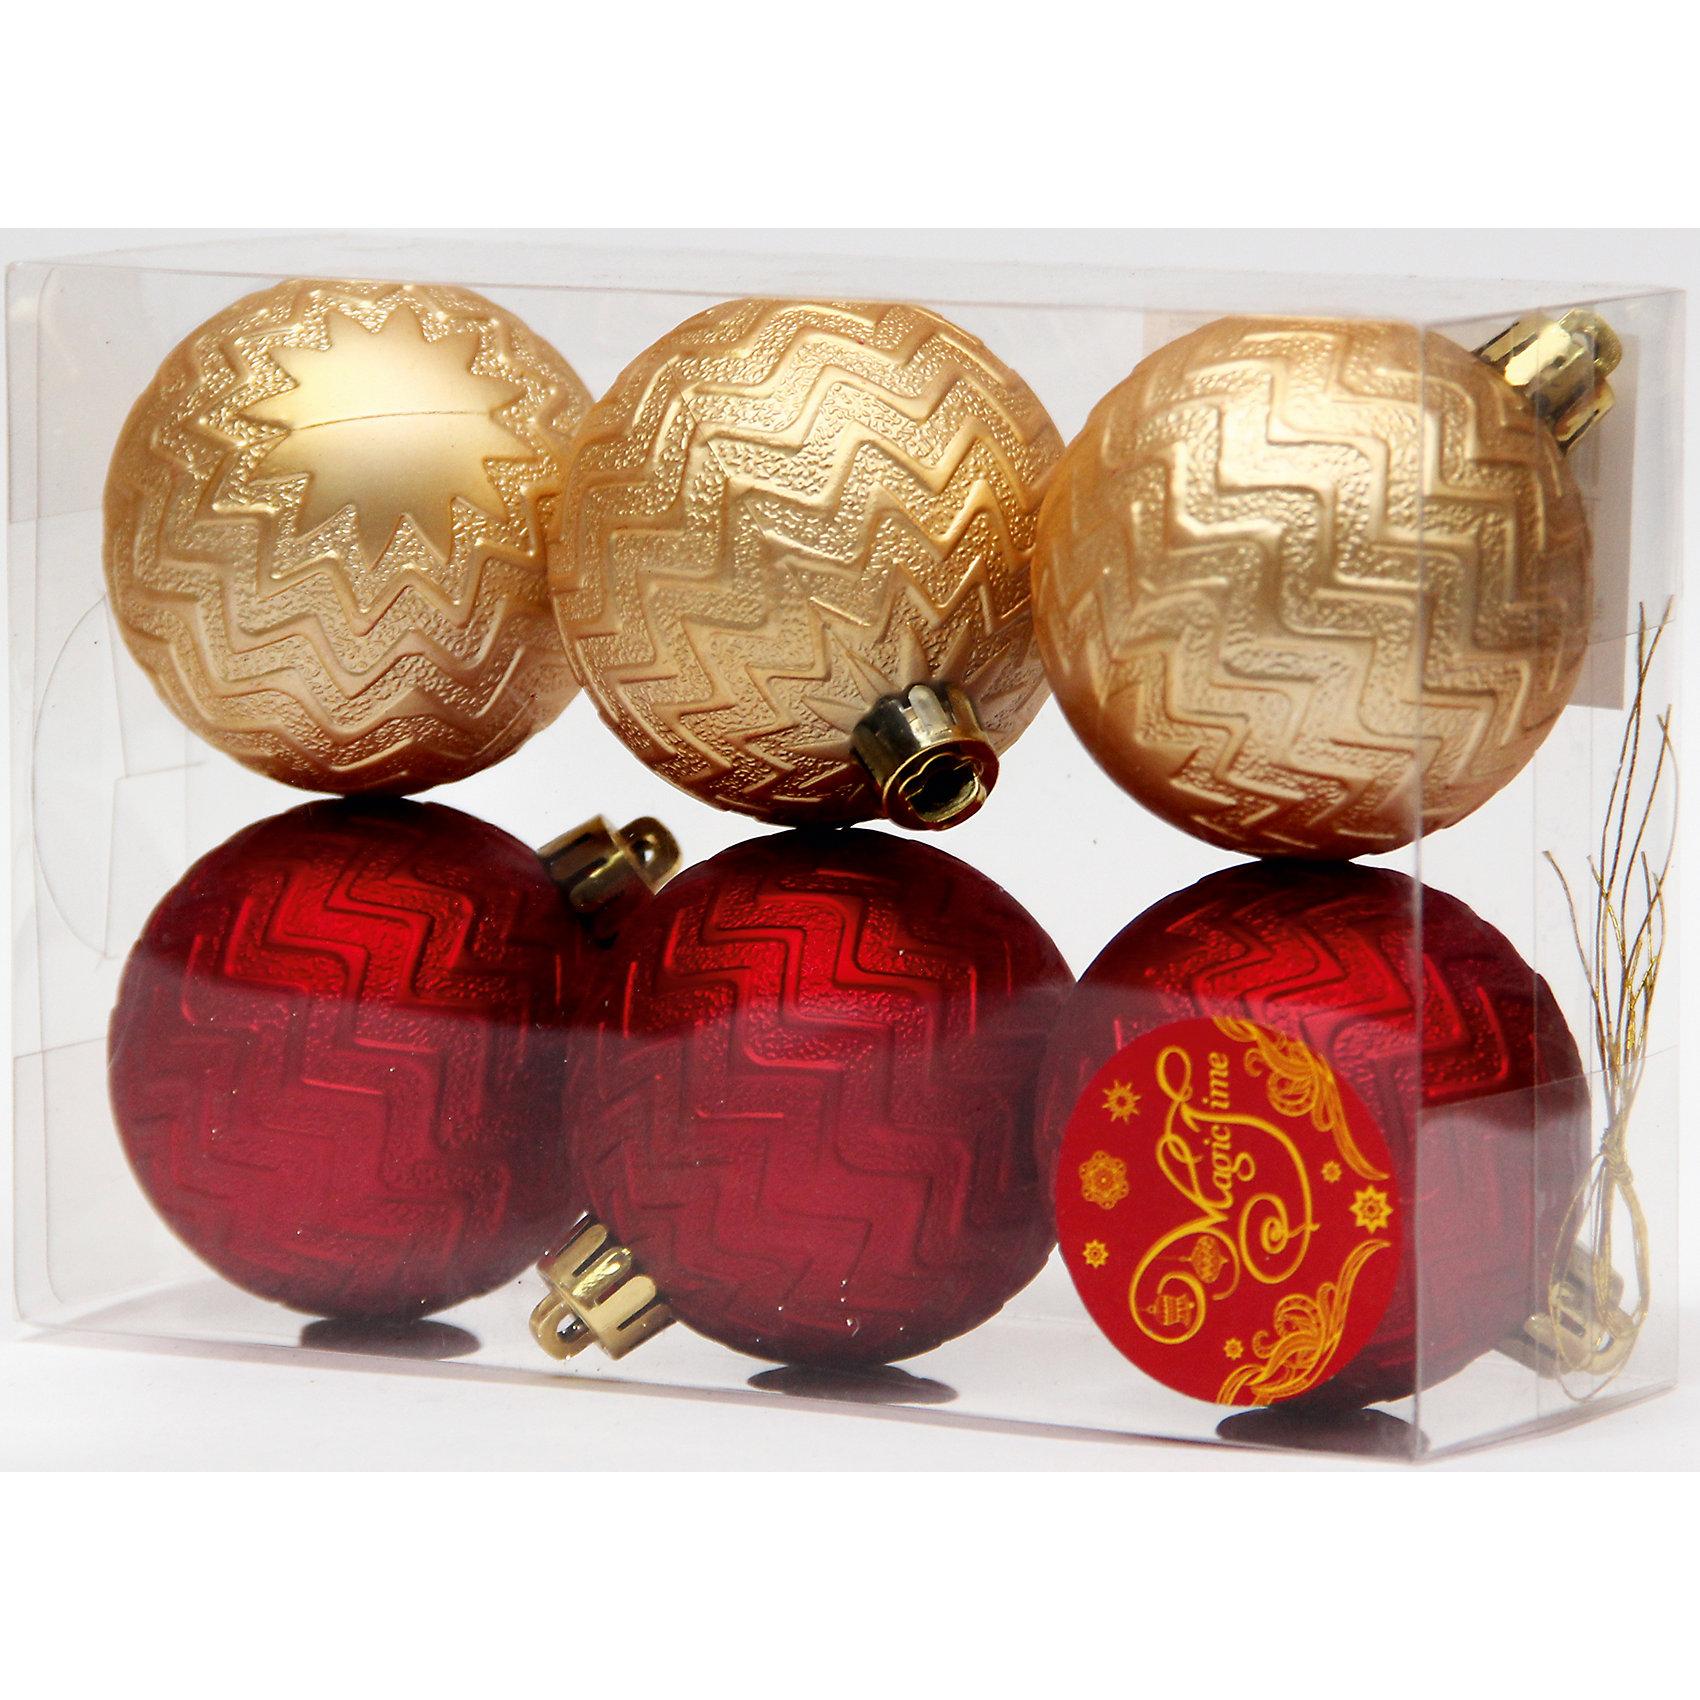 Набор шаров Красные и золотые 6 штНабор шаров Красные и золотые 6 шт - впустите атмосферу зимы и праздников в ваш дом! С этим декоративным украшением так весело наряжать дом и радовать близких. Украшение прекрасно подойдет не только на елочку, но и к другим поверхностям, например стенам или шторам. У каждого шарика имеется отверстие для тонкого шнурка (входит в комплект), с помощью которого шарики можно прикреплять. При желании можно использовать другие шнурки на выбор или тонкую ленту. Одинаковые по структуре шарики разделены на два цвета, которые ярко и гармонично сочетаются друг с другом и помогут создать идеальную композицию. Шарики изготовлены из синтетического материала и не разобьются в случае падения. <br><br>Дополнительная информация:<br>- В комплект входят: 6 шаров, 6 тонких шнурков<br>- Размер: 6 см.<br>- Материал: полистирол<br>- Объемные <br>Набор шаров Красные и золотые 6 шт можно купить в нашем интернет-магазине.<br>Подробнее:<br>• Для детей в возрасте: от 3 лет<br>• Номер товара: 4981455<br>Страна производитель: Китай<br><br>Ширина мм: 300<br>Глубина мм: 250<br>Высота мм: 100<br>Вес г: 82<br>Возраст от месяцев: 36<br>Возраст до месяцев: 2147483647<br>Пол: Унисекс<br>Возраст: Детский<br>SKU: 4981455